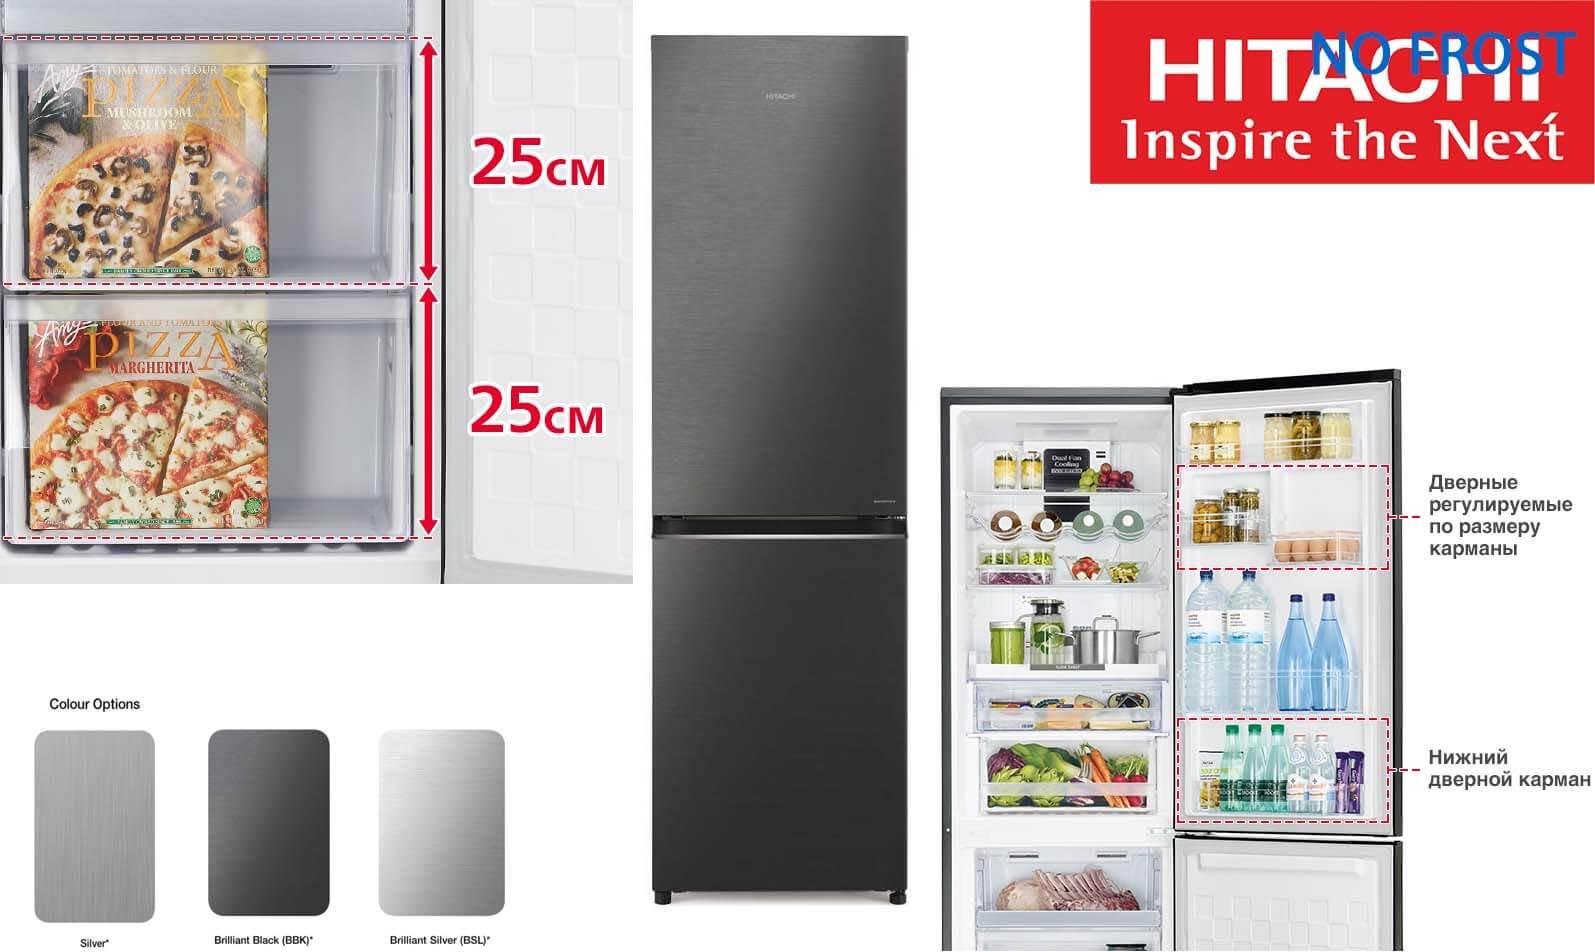 Сравнение: однокамерный и двухкамерный холодильник